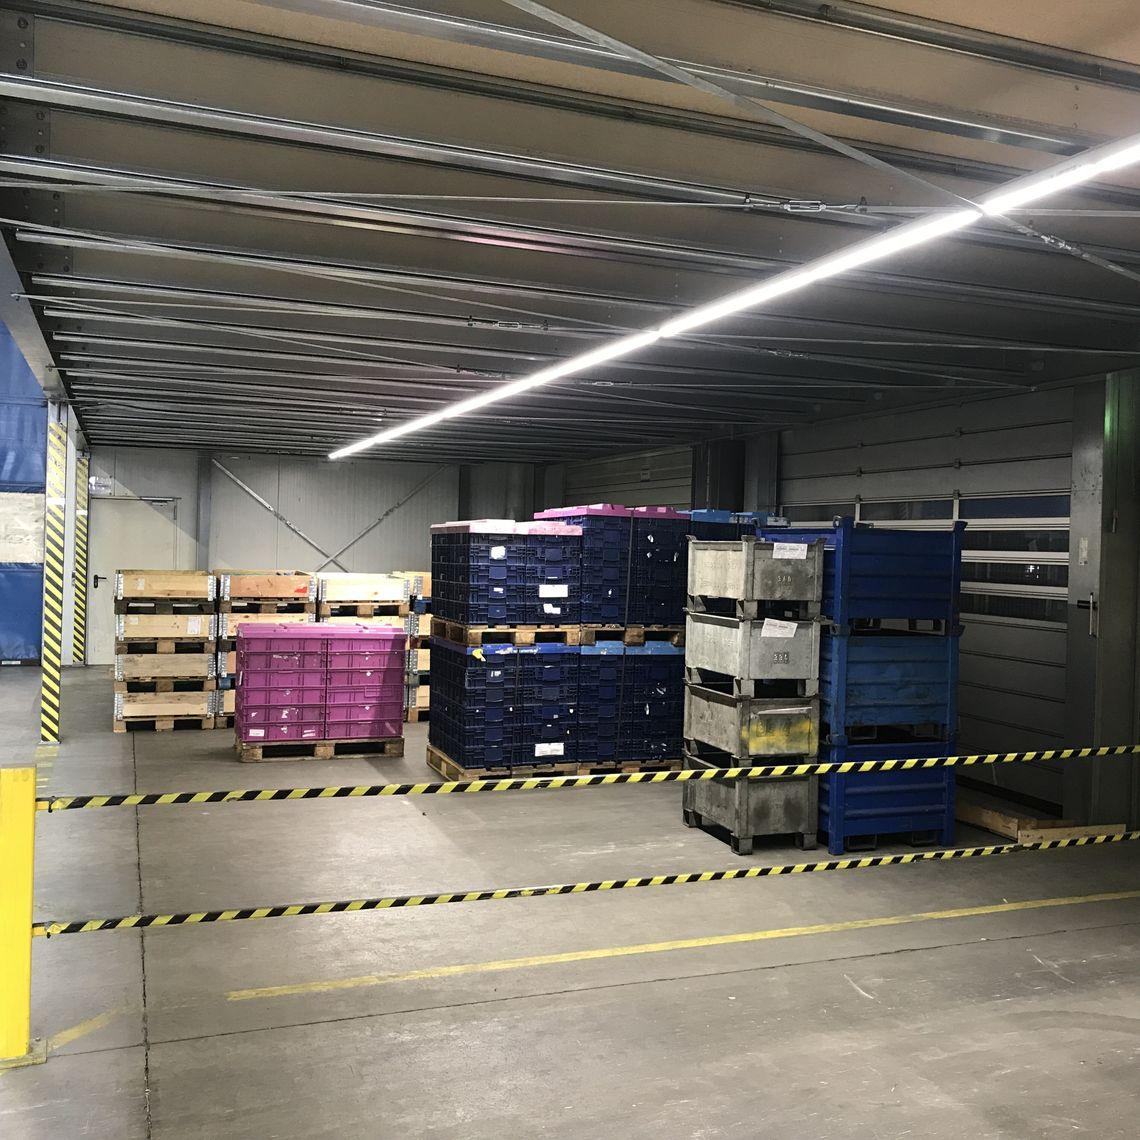 Bur Lighting Bunte Und Remmler Referenzen Led Beleuchtung Lager Led Beleuchtung Beleuchtung Led